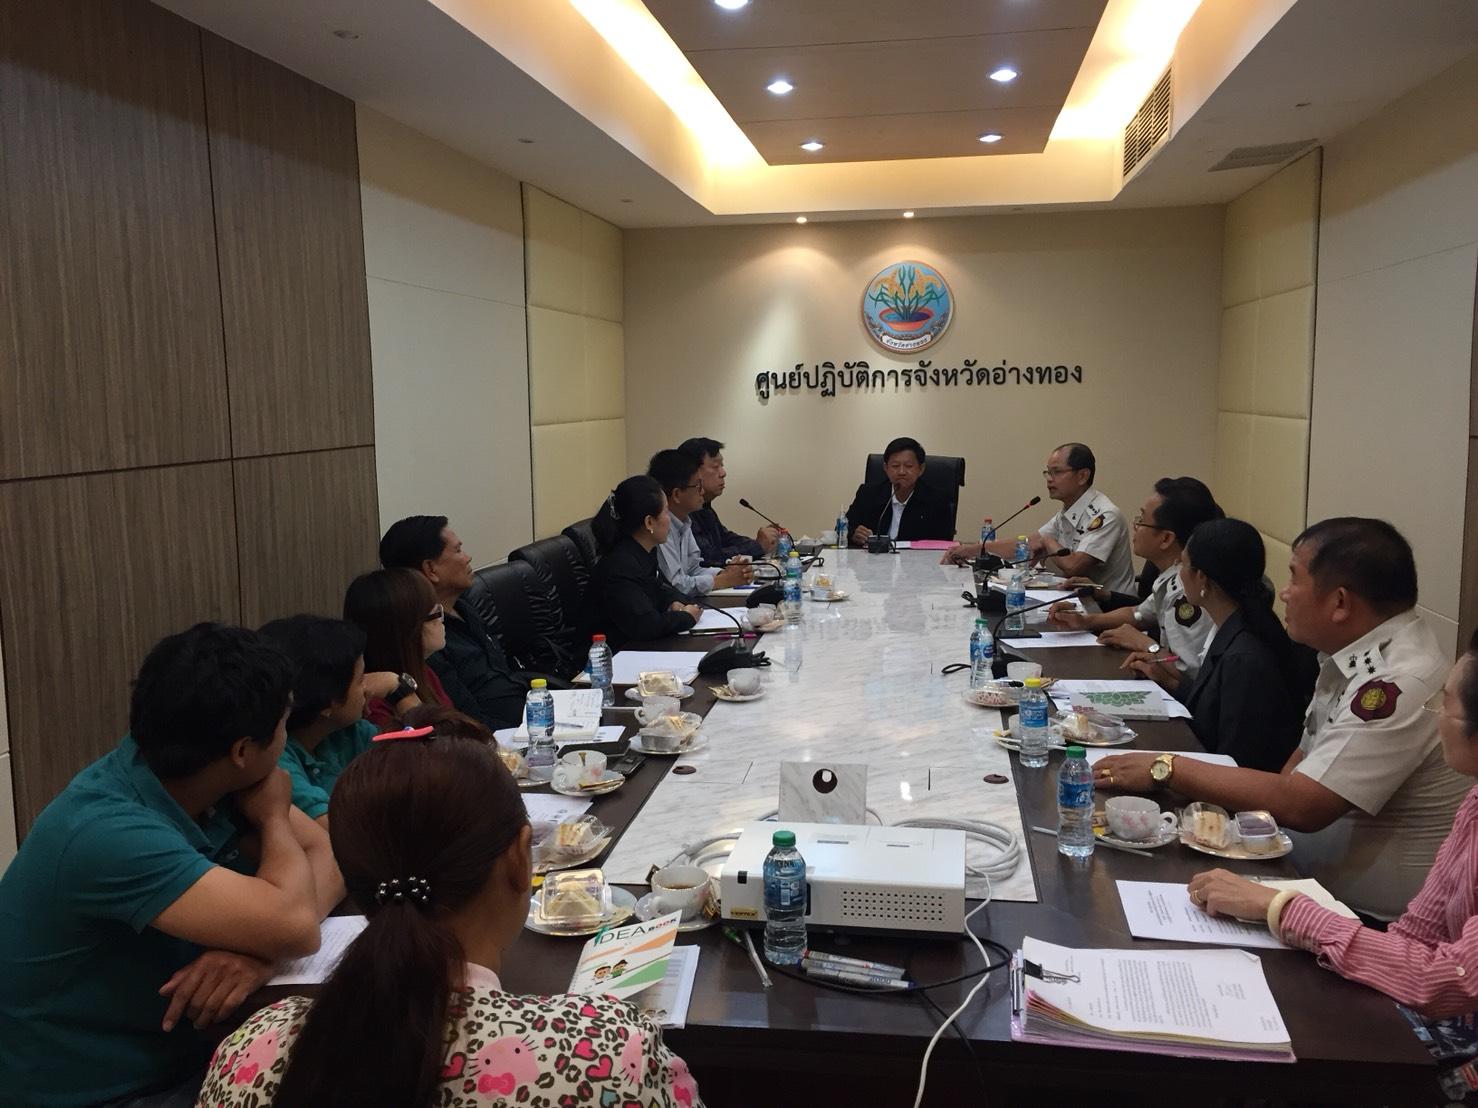 ร่วมประชุมตามบันทึกข้อตกลงว่าด้วยการประสานความร่วมมือ โครงารประชารัฐ ร่วมสร้างงาน สร้างอาชีพผู้ต้องข